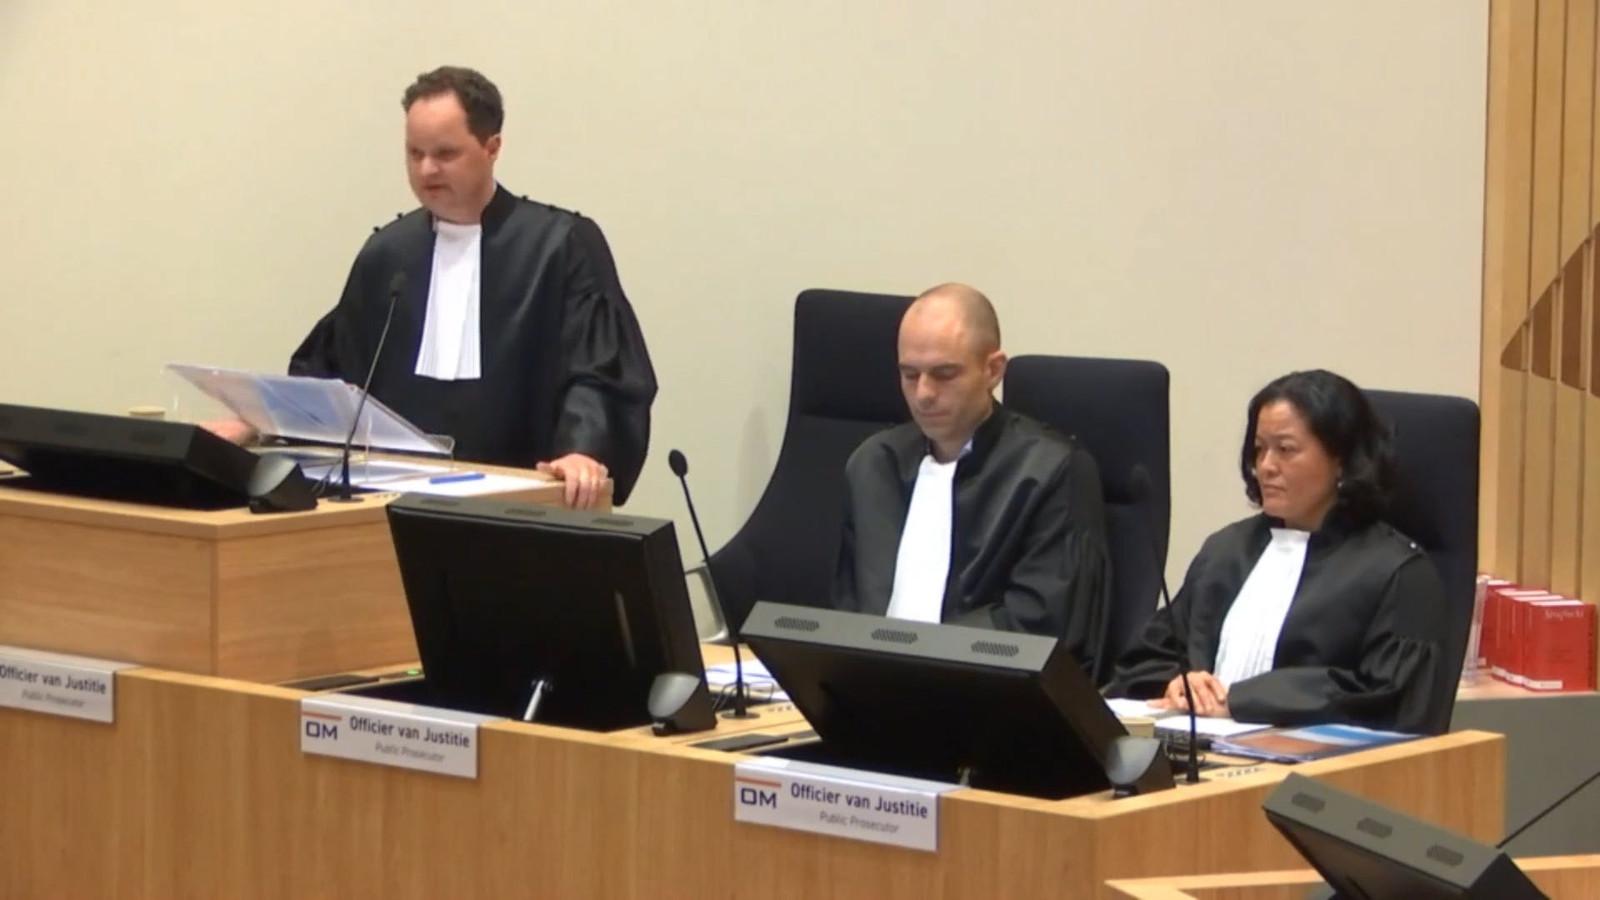 Meerdere getuigen in het MH17-proces hebben aangegeven anoniem te willen blijven omdat ze anders vrezen voor hun veiligheid. Dat zegt officier van justitie Thijs Berger (links). Daarnaast de andere twee officieren van justitie.